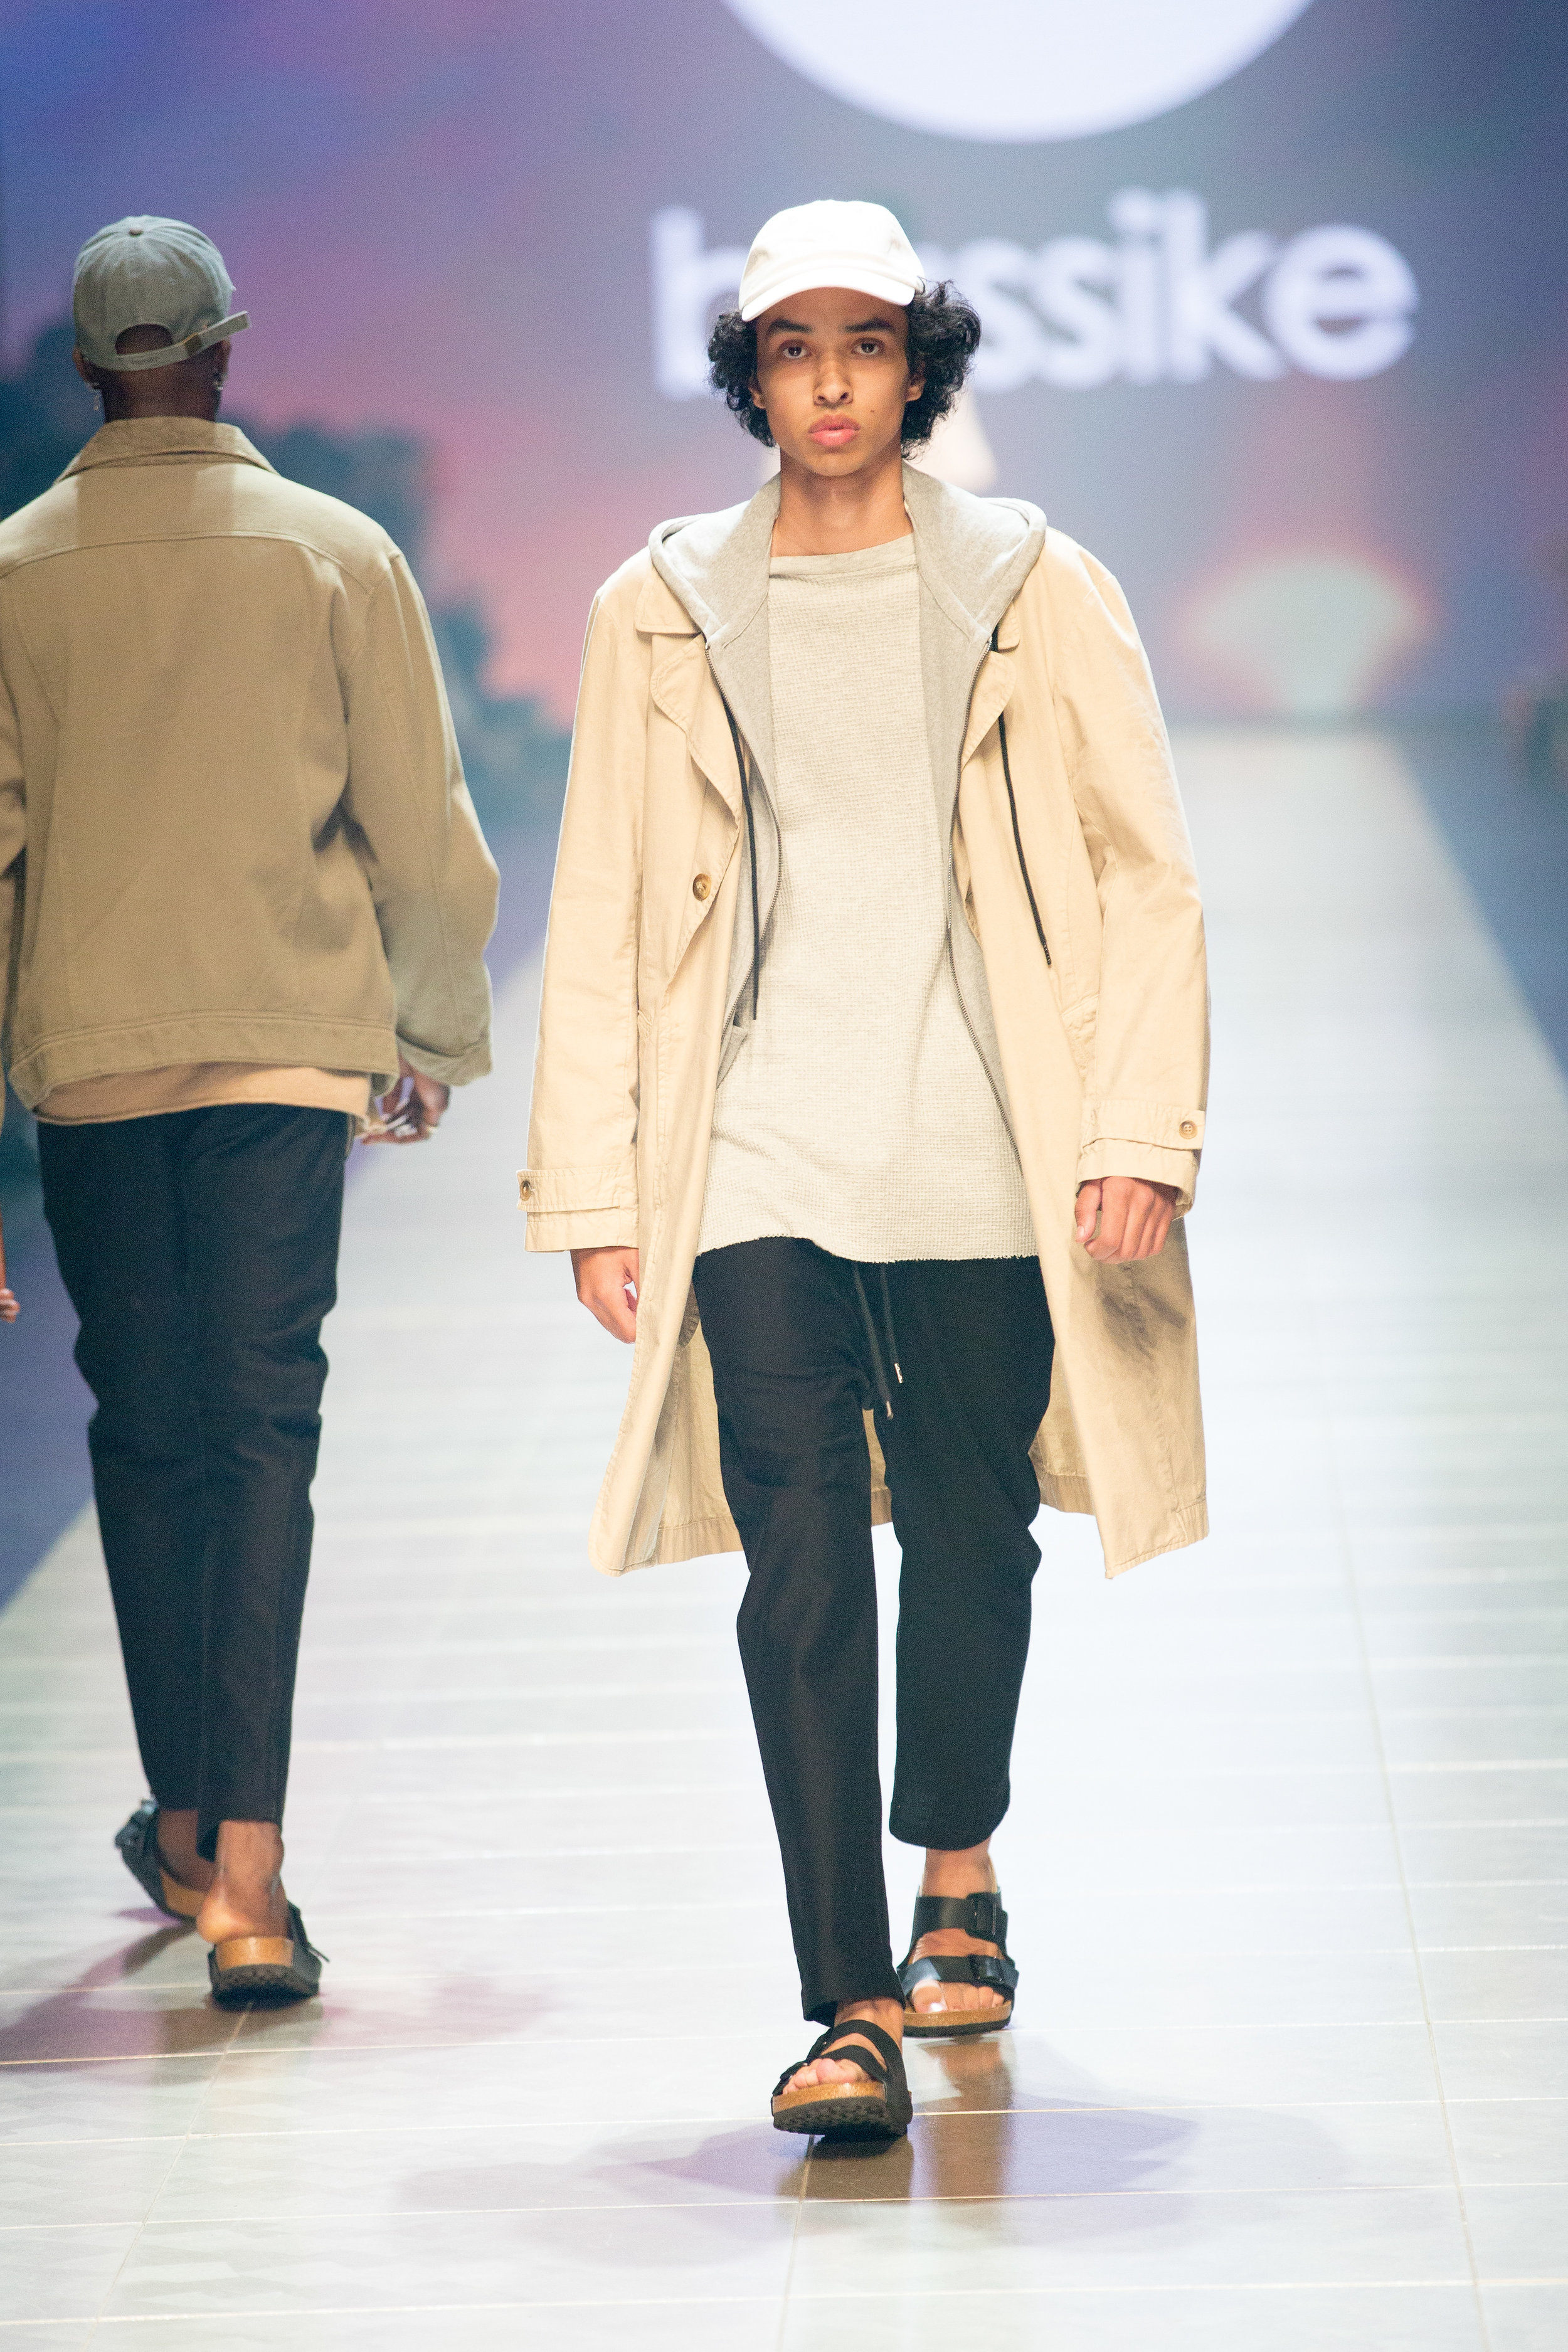 VAMFF2019_GQ Menswear-283.jpg